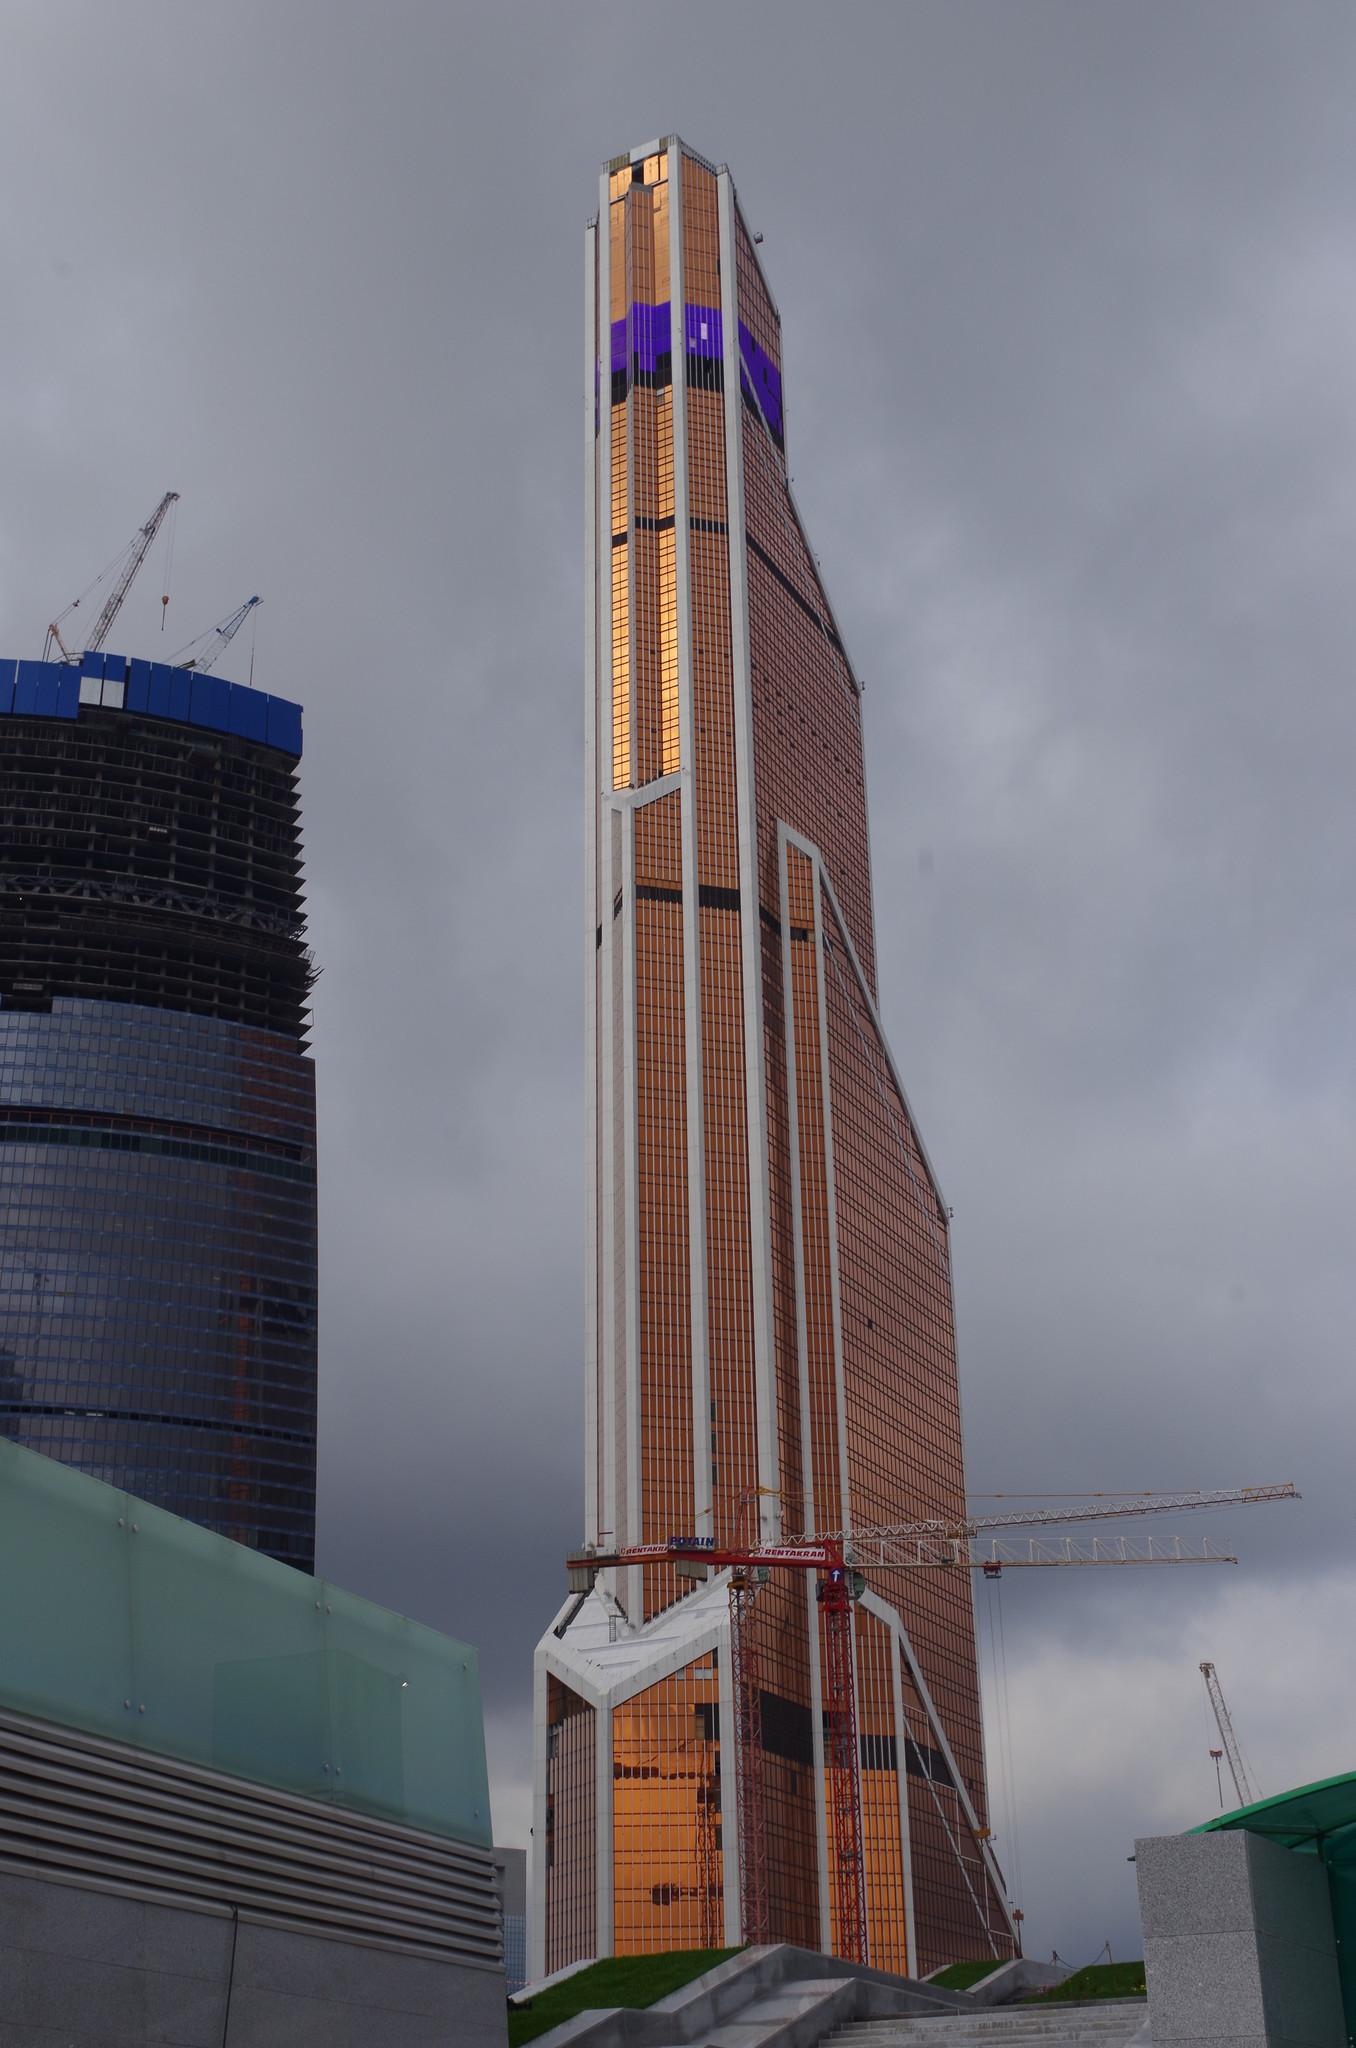 Башня Меркурий Сити Тауэр в районе Москва-Сити